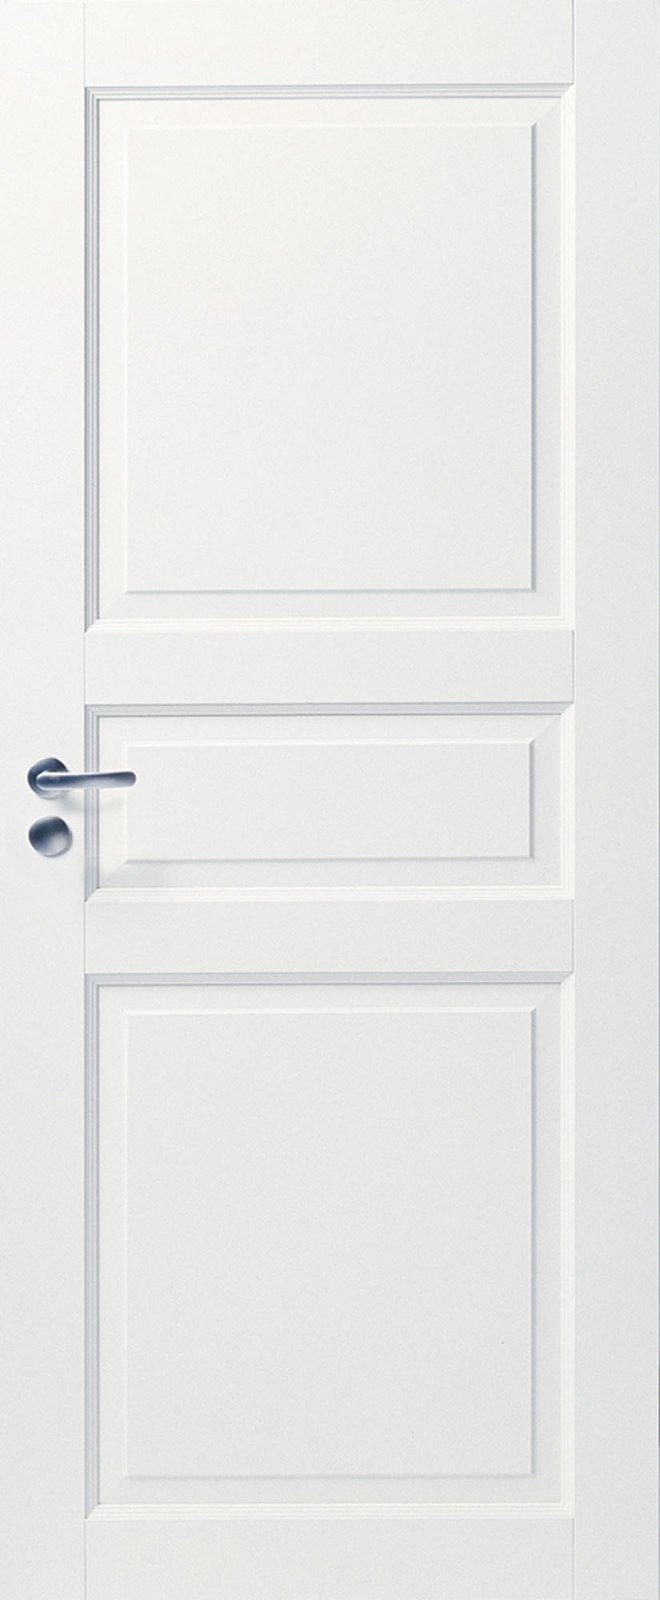 Межкомнатная дверьJELD-WEN 101 Craft белая